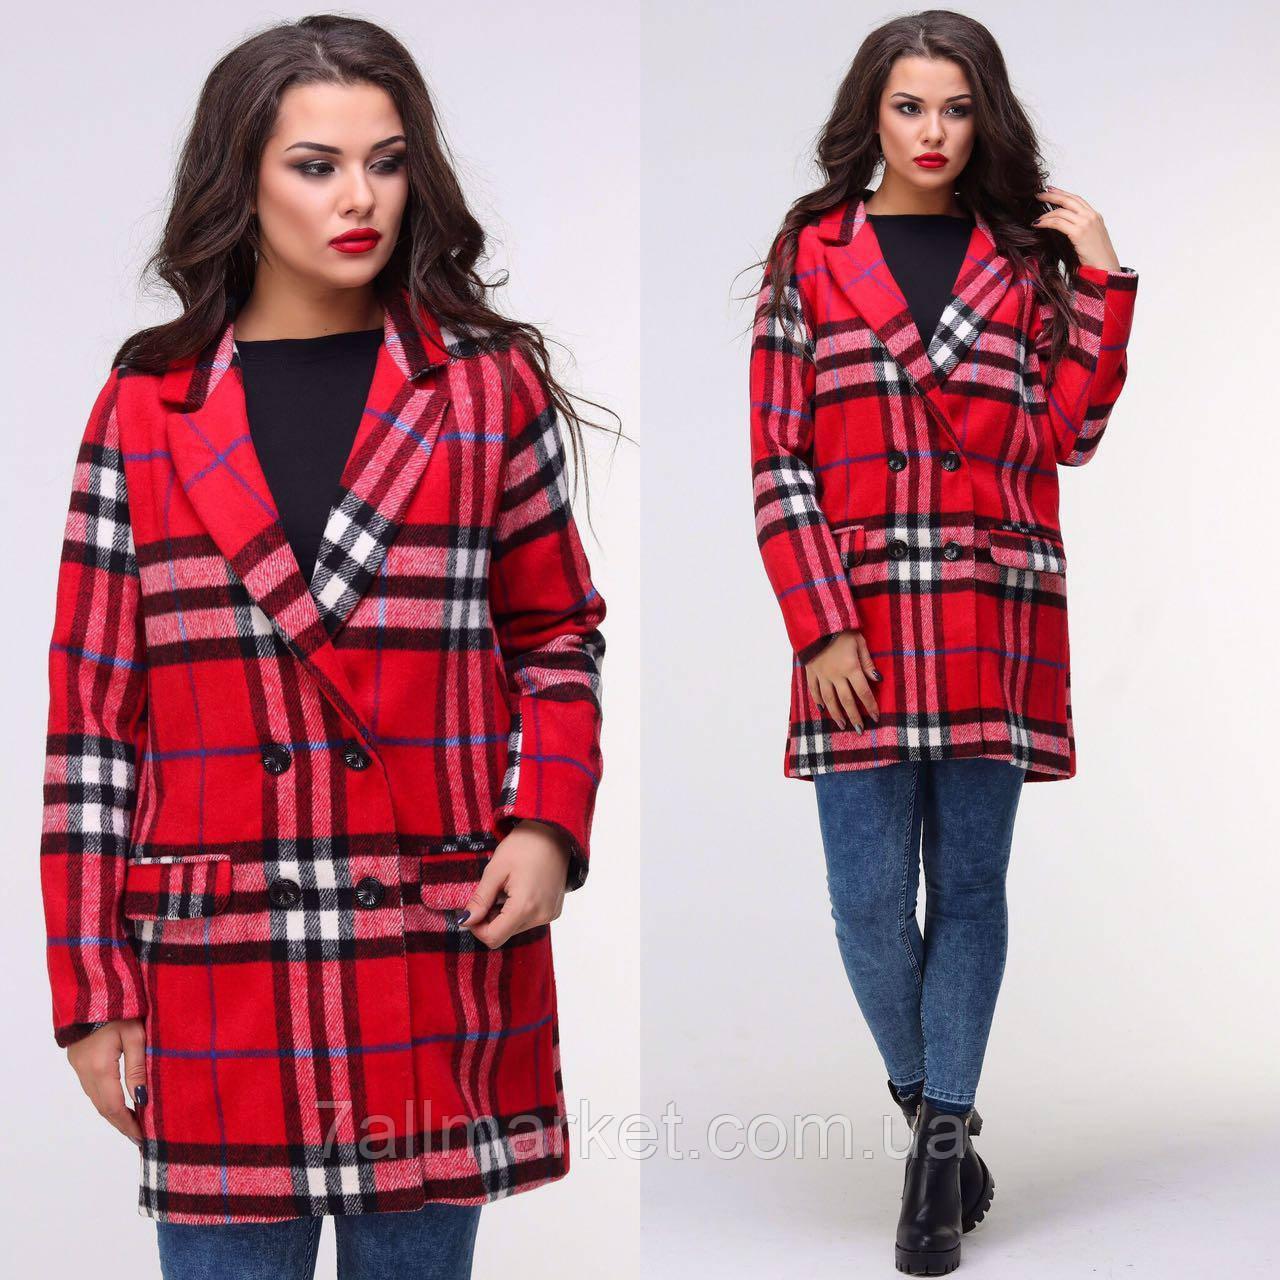 """Пальто женское кашемировое на подкладке размеры 42-48 (2цв) """"BONJOUR"""" купить оптом в Одессе на 7км"""